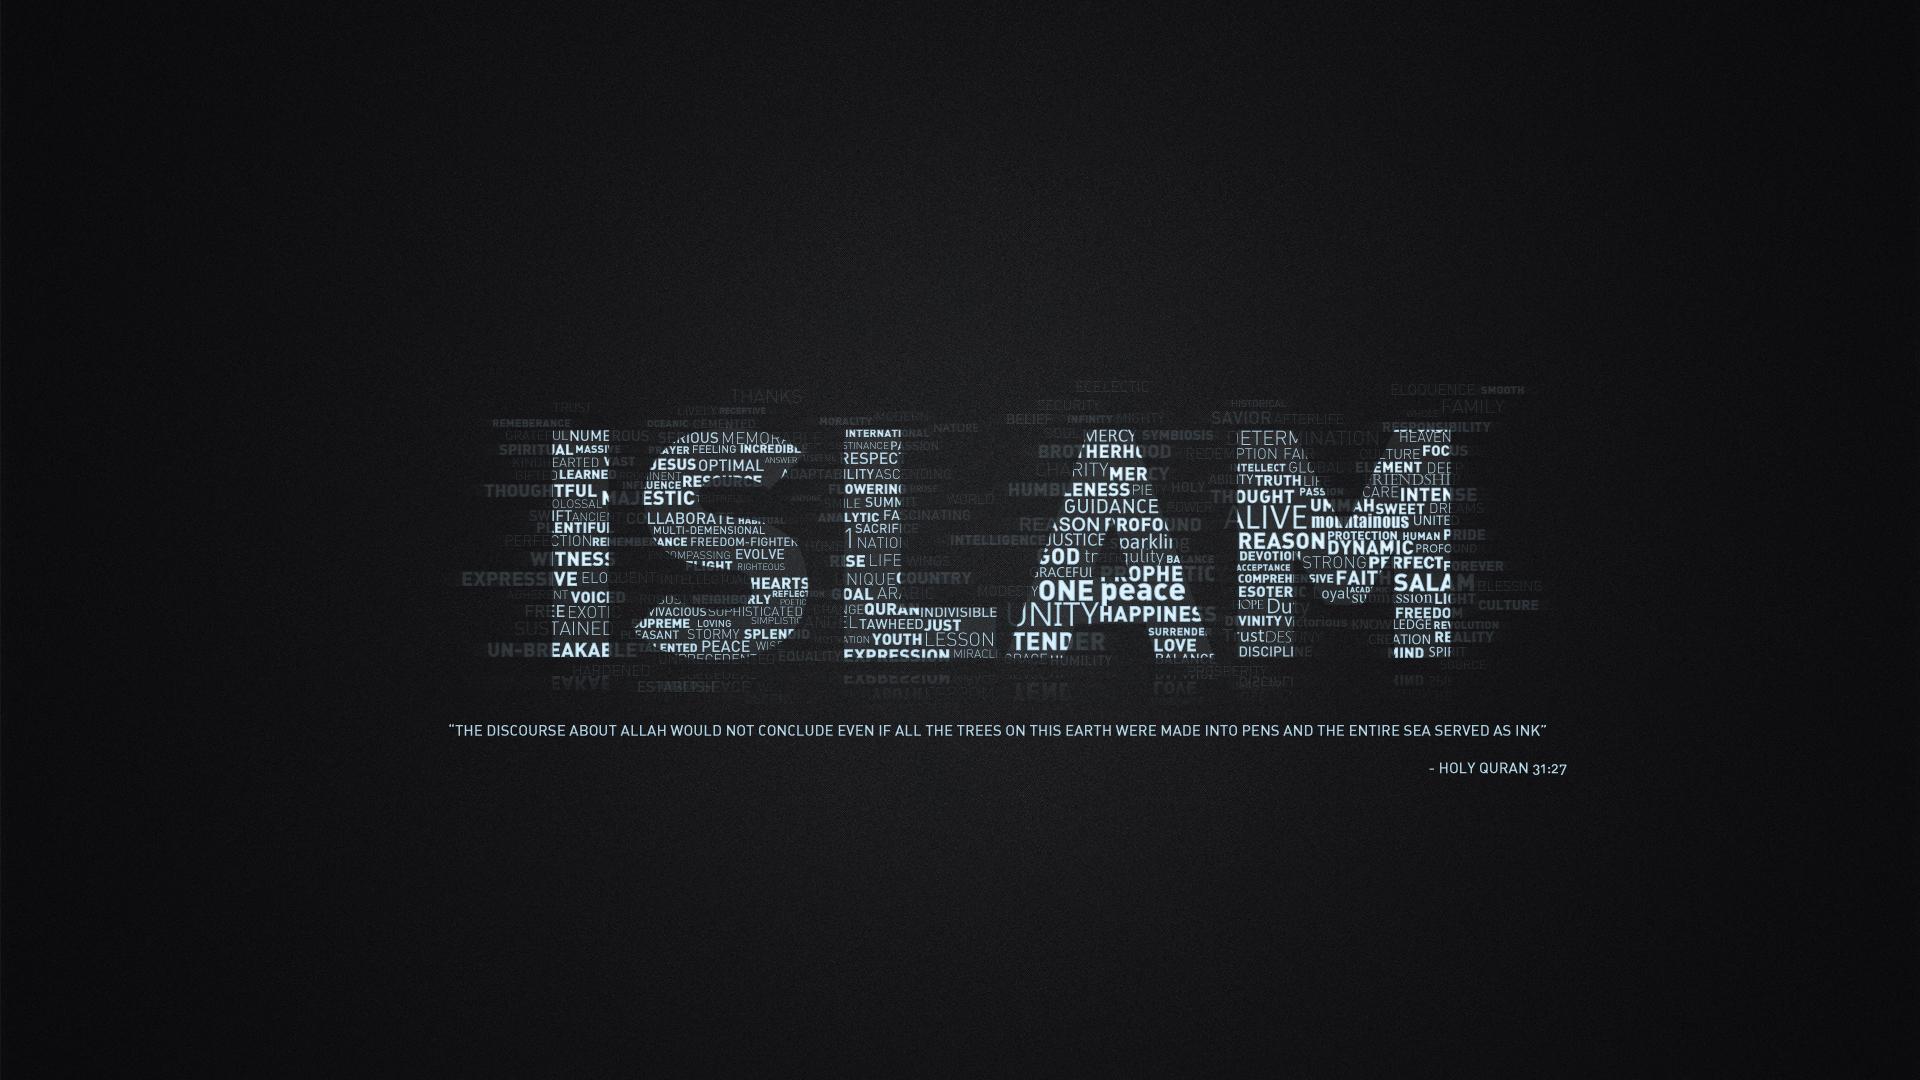 Islam Fondo De Pantalla Hd Fondo De Escritorio 1920x1080